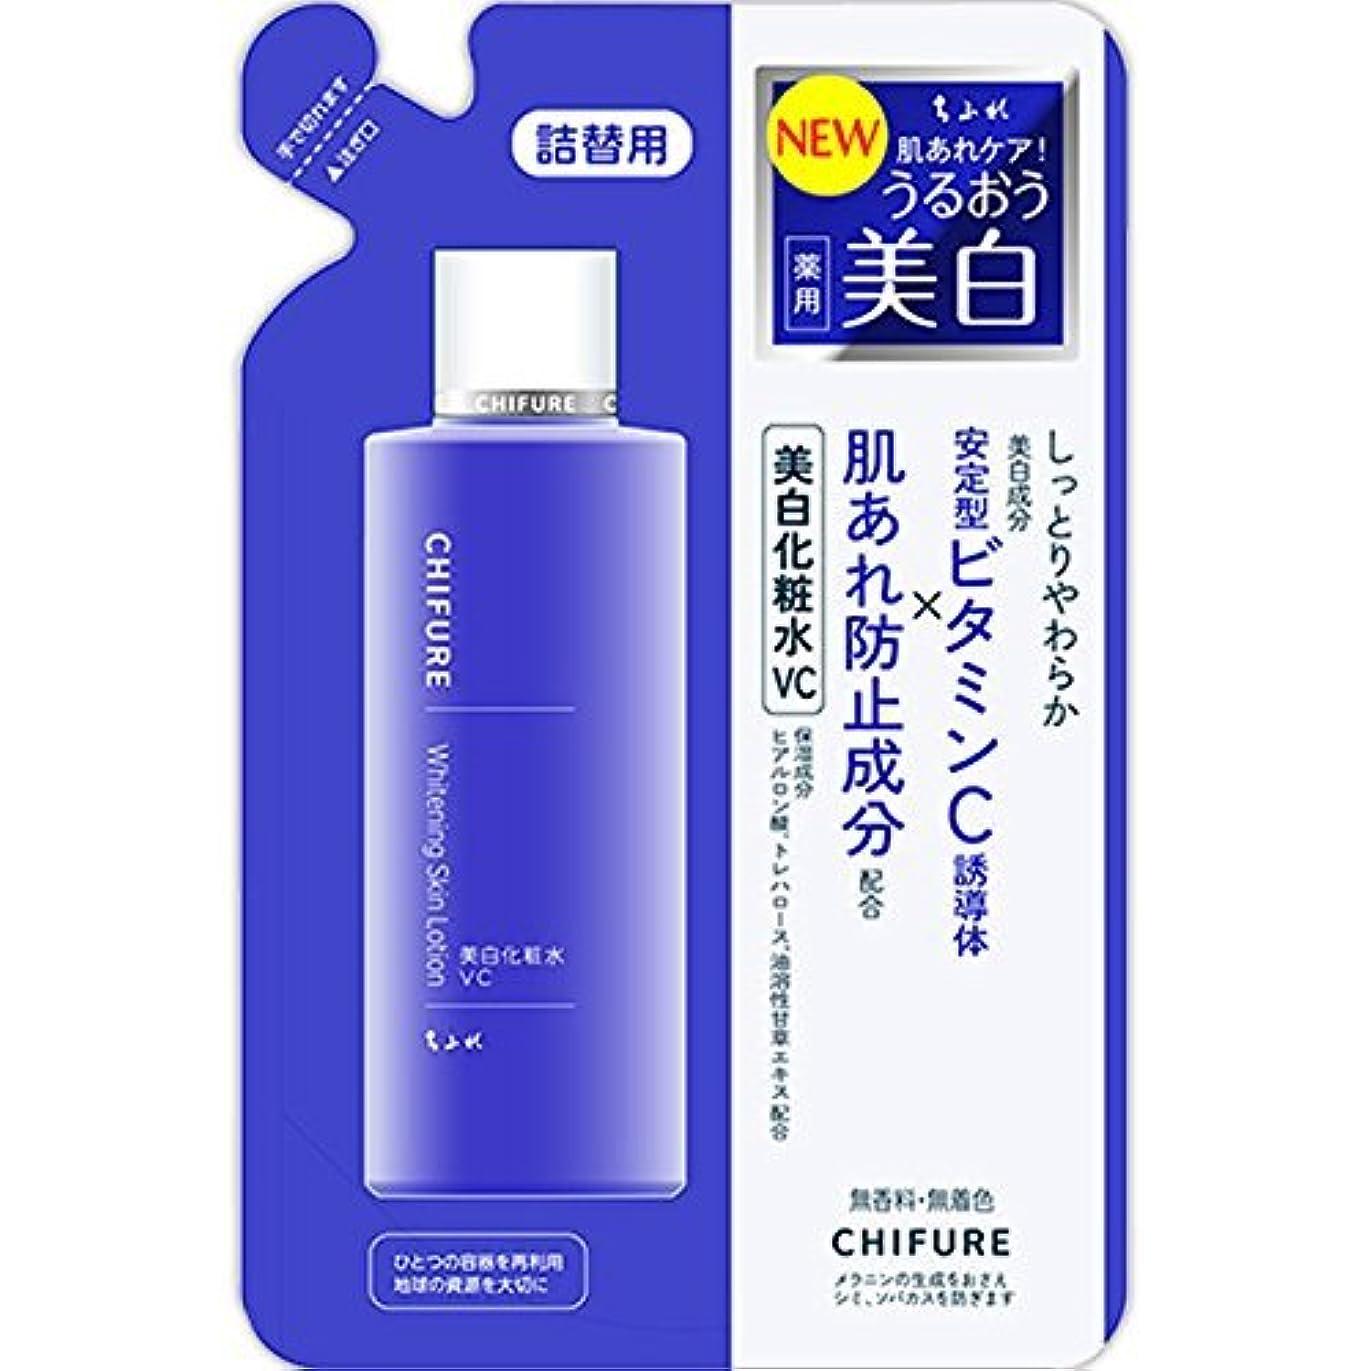 ライオンスイバストちふれ化粧品 美白化粧水 VC 詰替 180ML (医薬部外品)